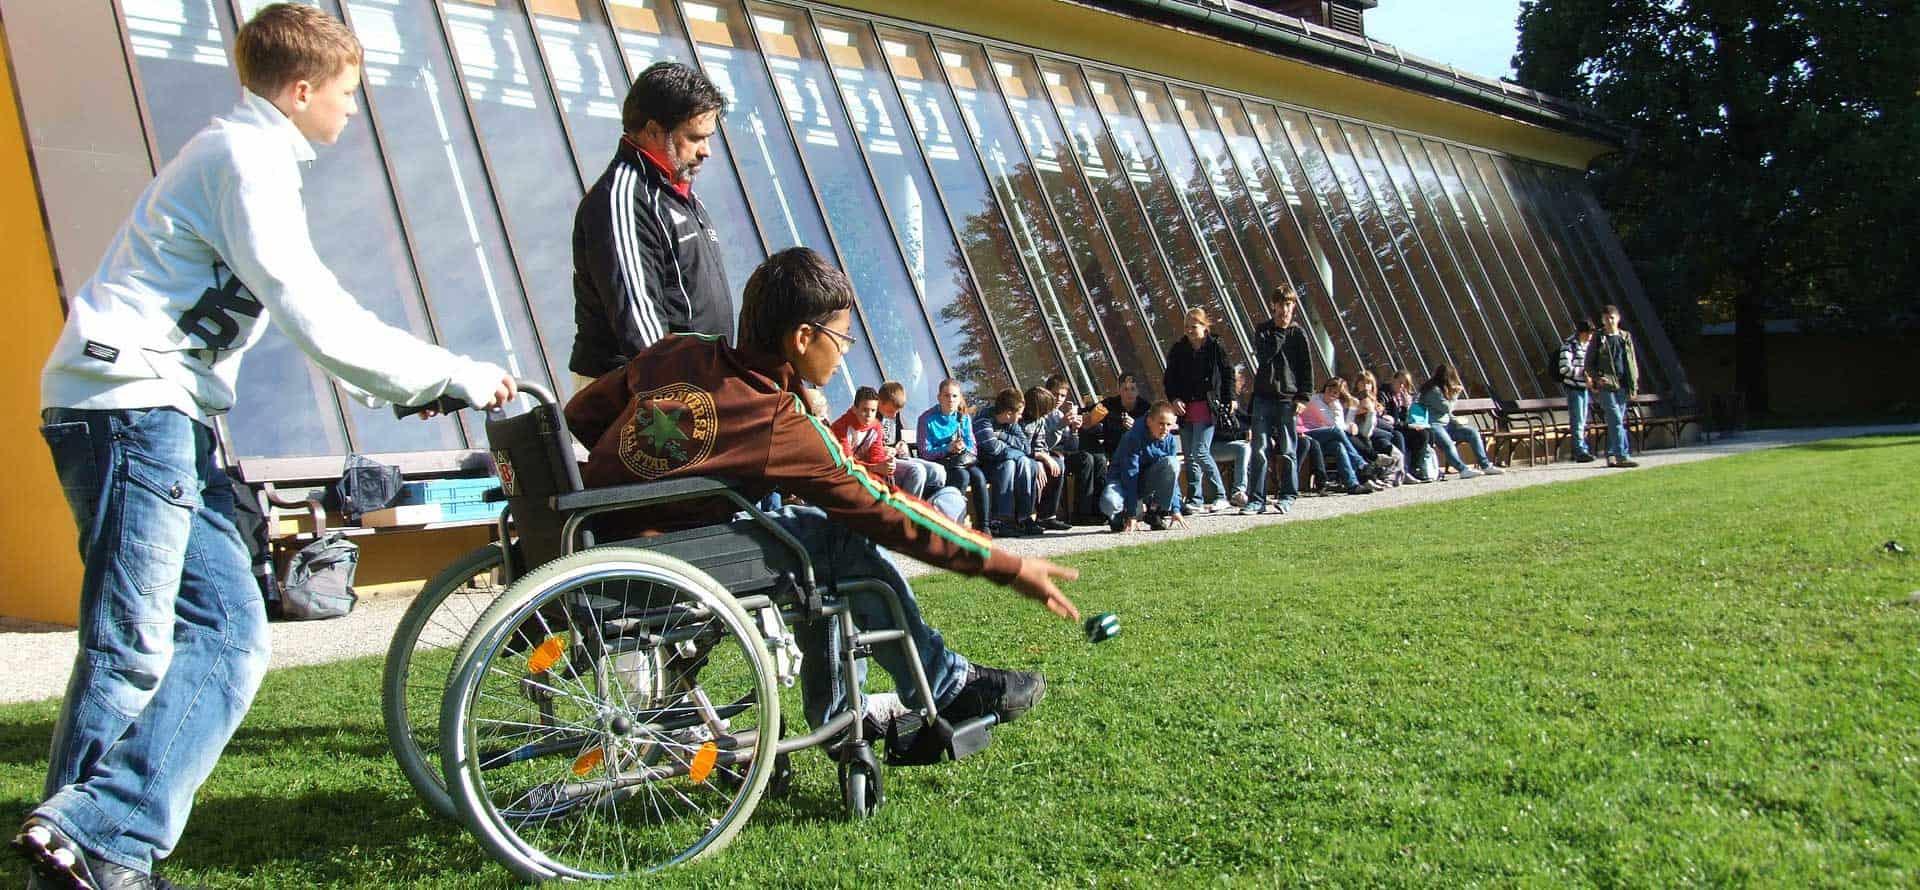 Personne poussant un enfant en fauteuil roulant dans une cours d'école